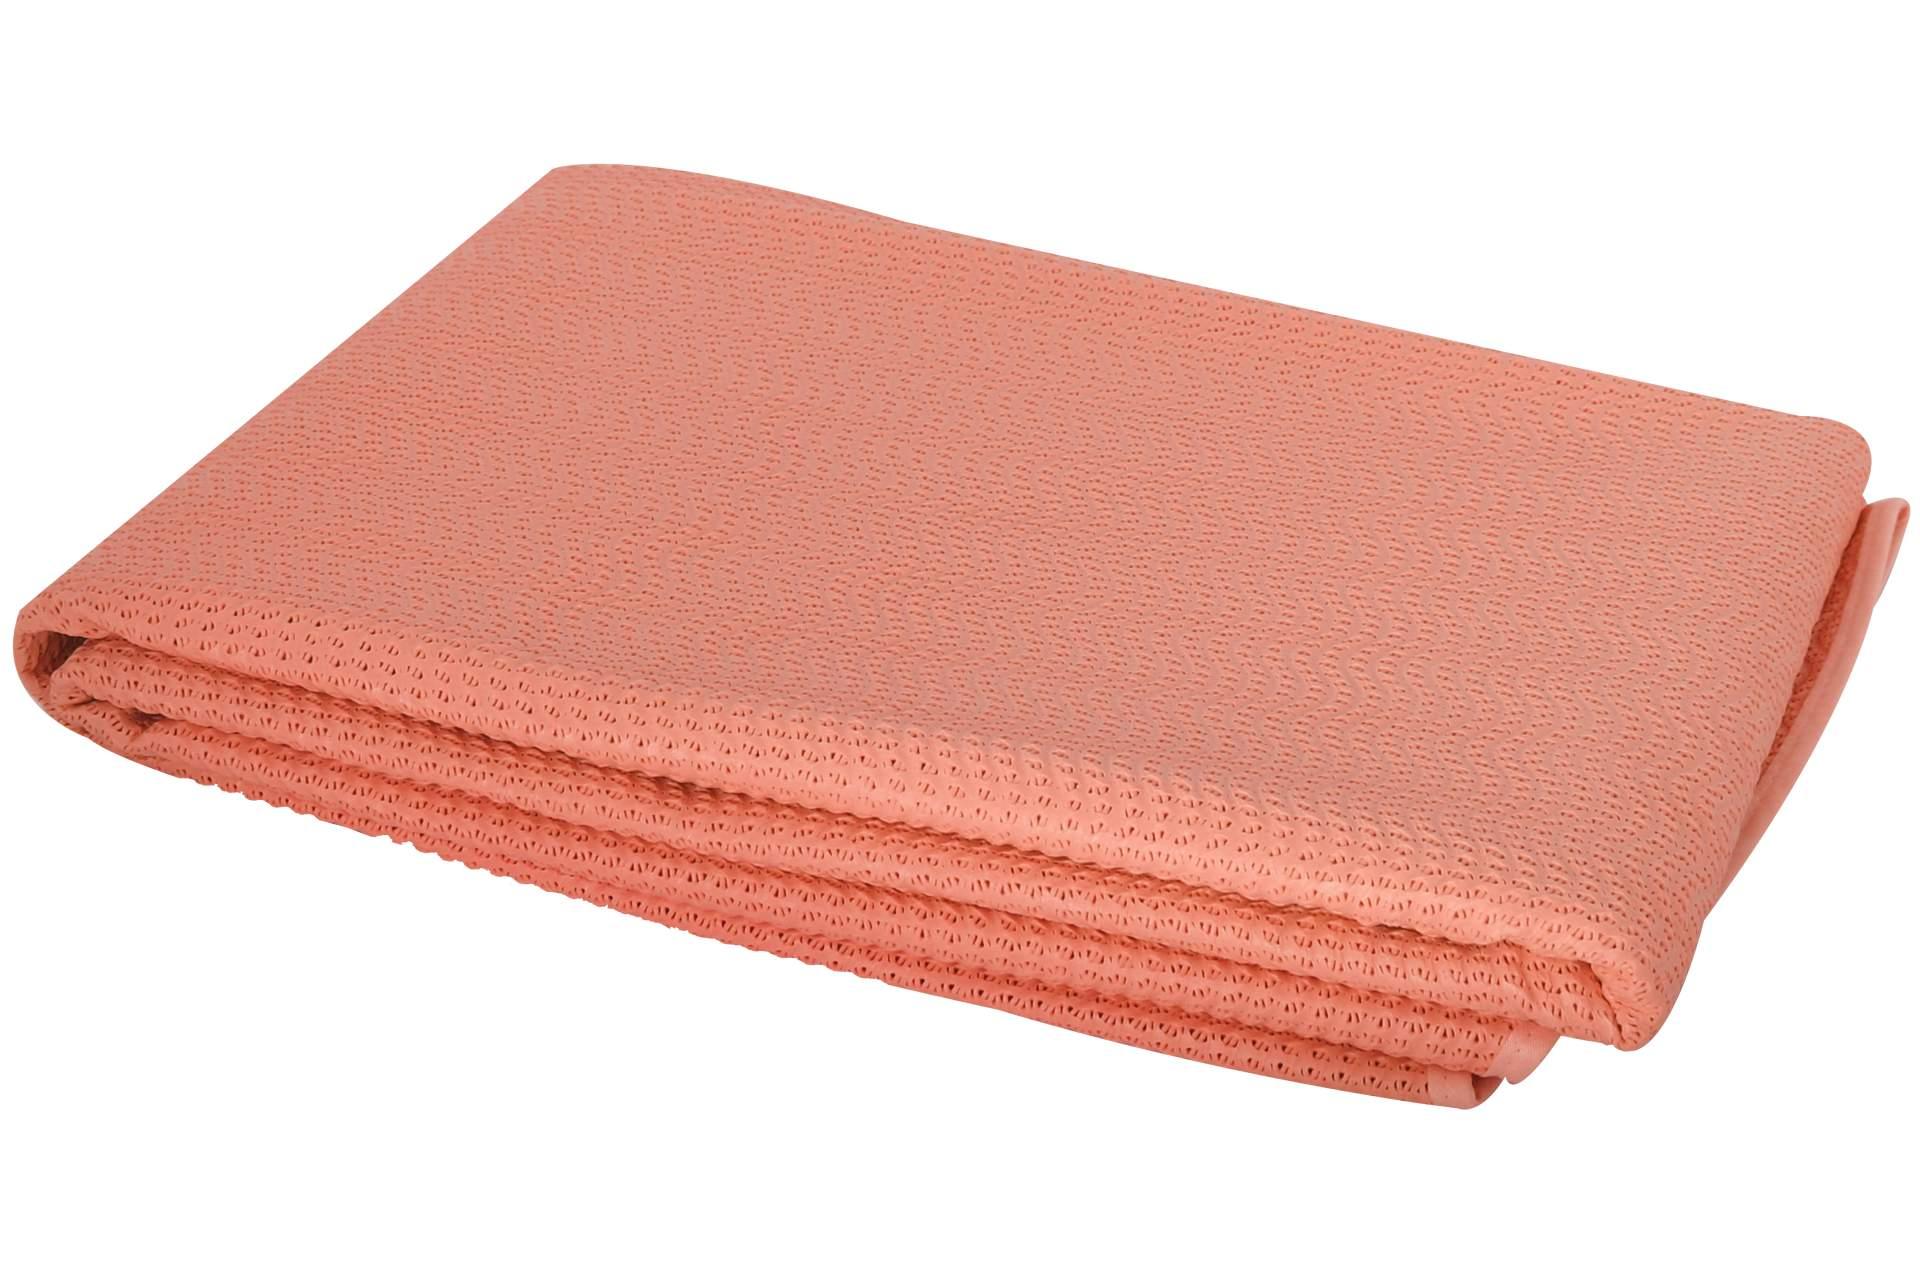 Posten Börse Gartenmöbel : garten tischdecke friedola 160 cm rund milano orange gartenm bel garten posten b rse ~ Watch28wear.com Haus und Dekorationen